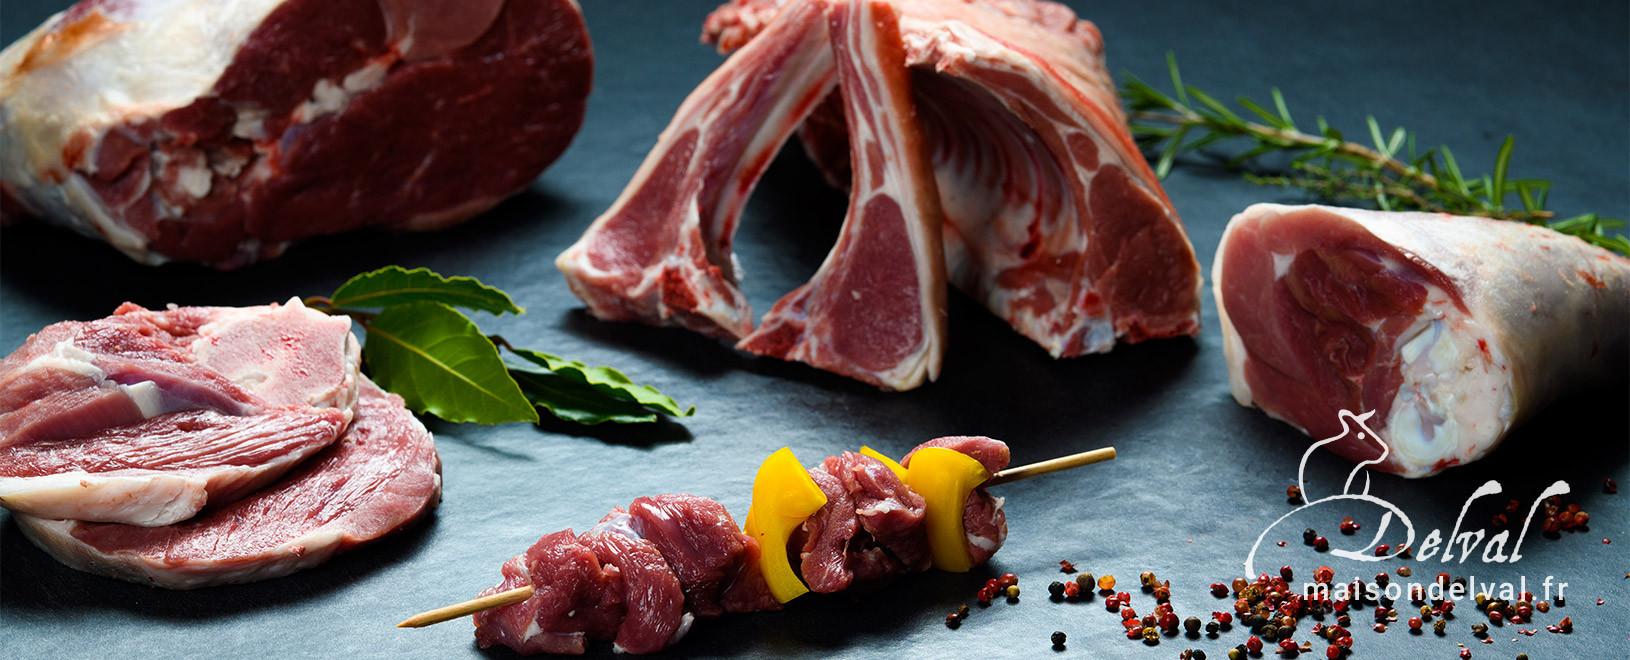 Viande d'agneau de qualité - Vente en ligne - Boucherie Maison Delval